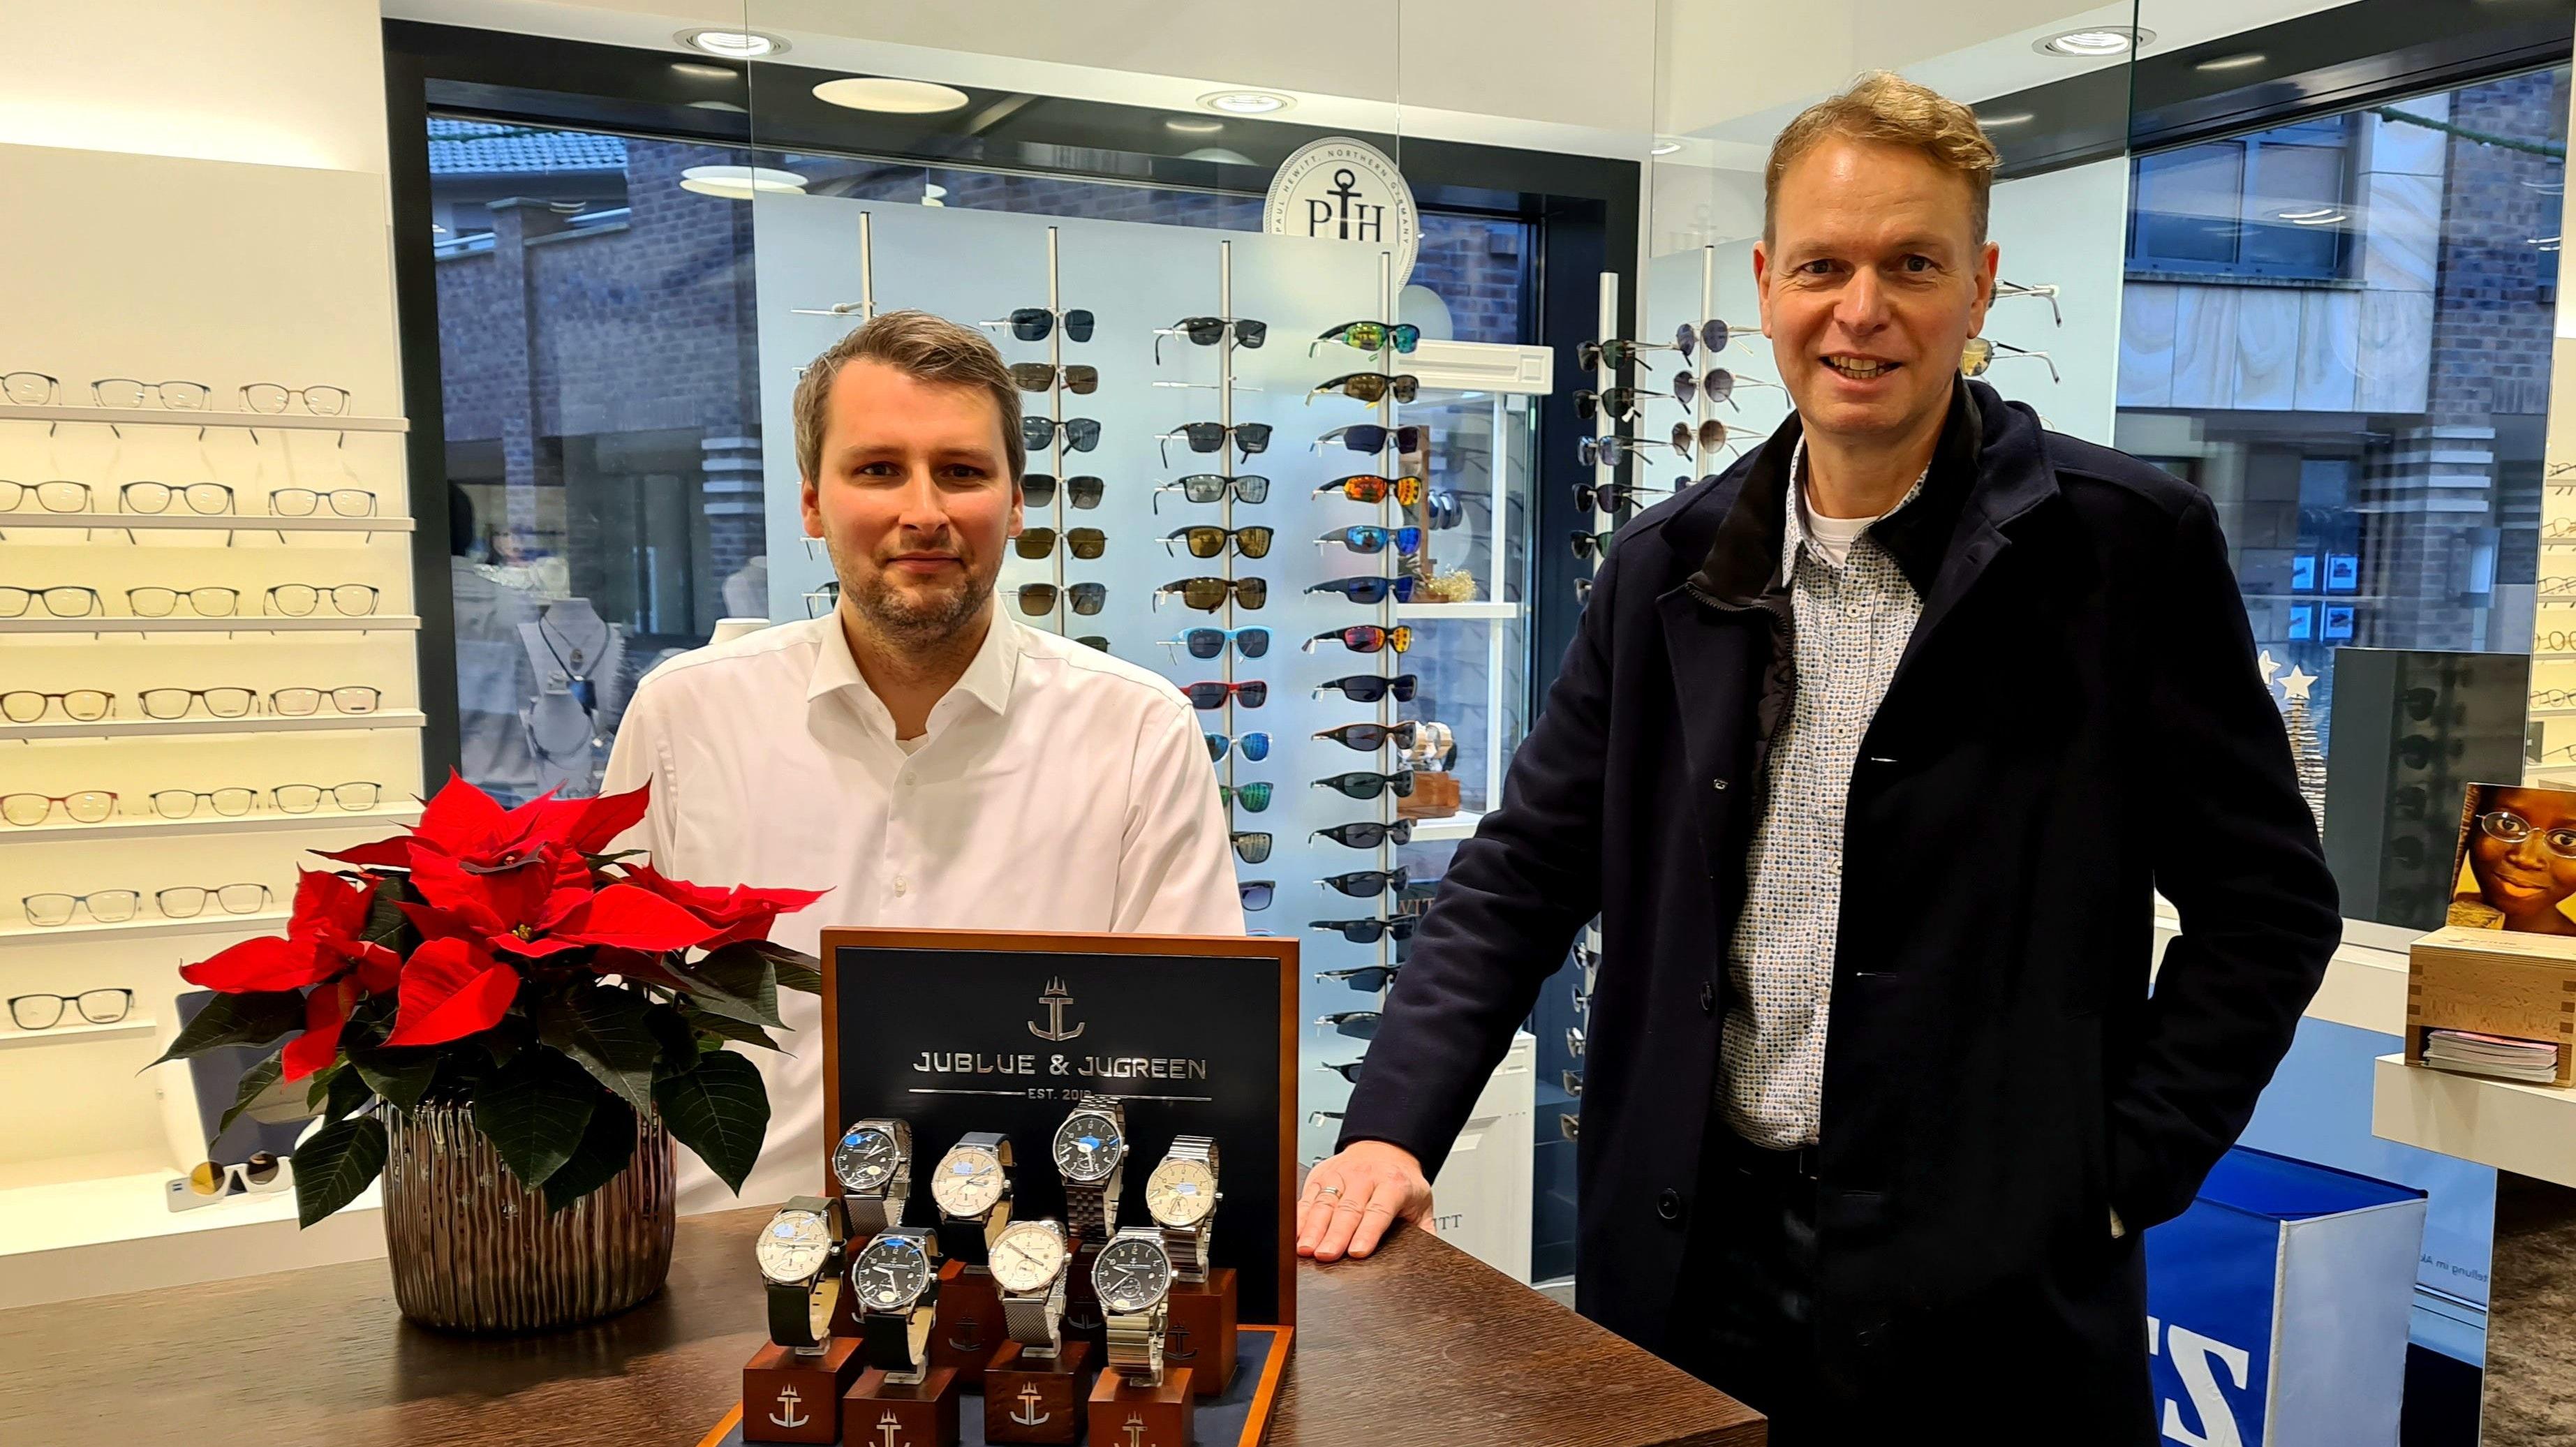 """Der Label-Inhaber und der Uhrenexperte: Jürgen Kruse (rechts) verkauft seine recycelbaren Armbanduhren auch bei Mark Schumacher. Dieser findet: """"Eine Topqualität."""" Foto: F.-J. Schumacher"""